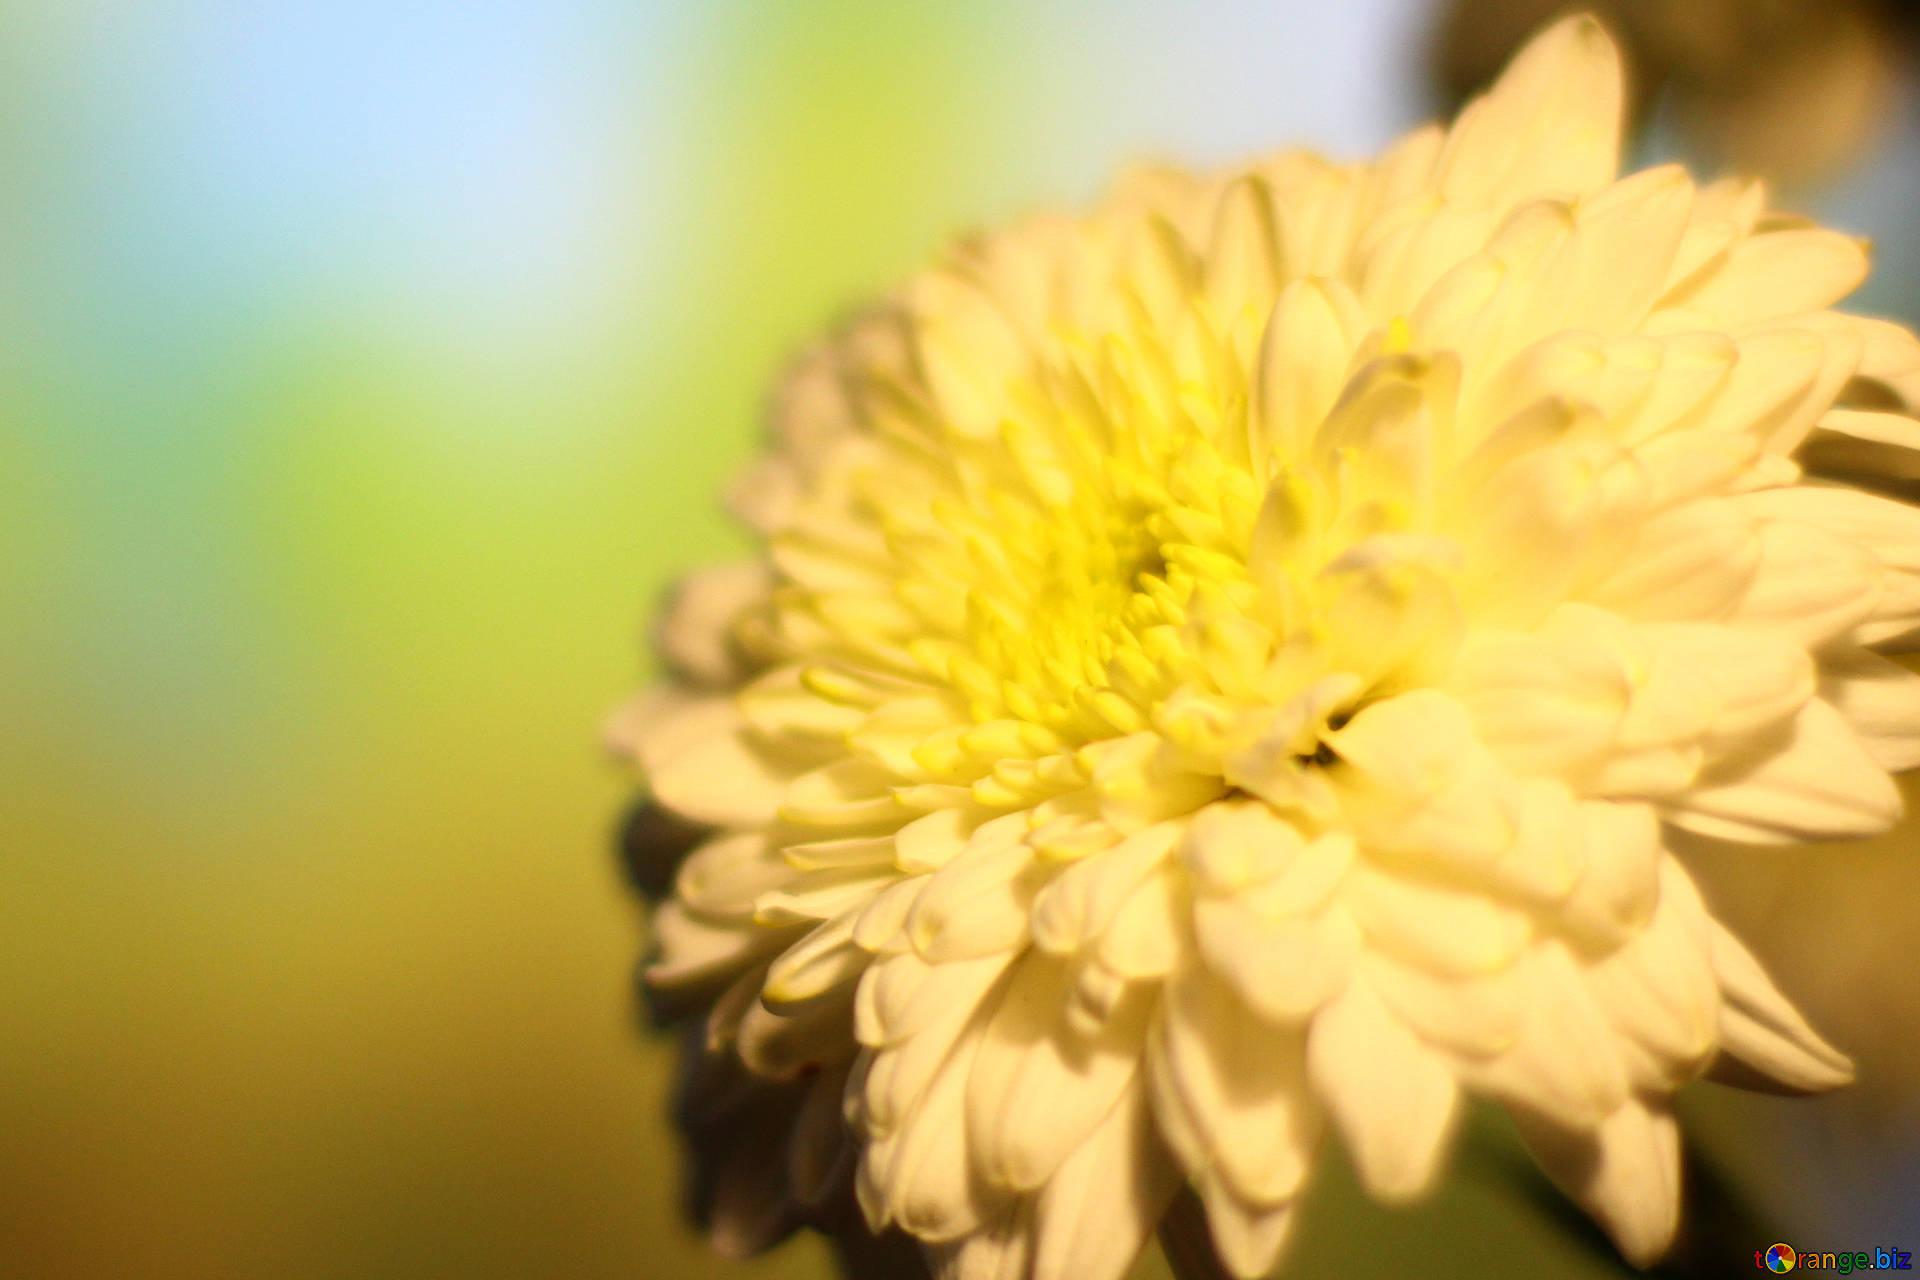 Обои на рабочий стол Цветы хризантемы   подборка (22)